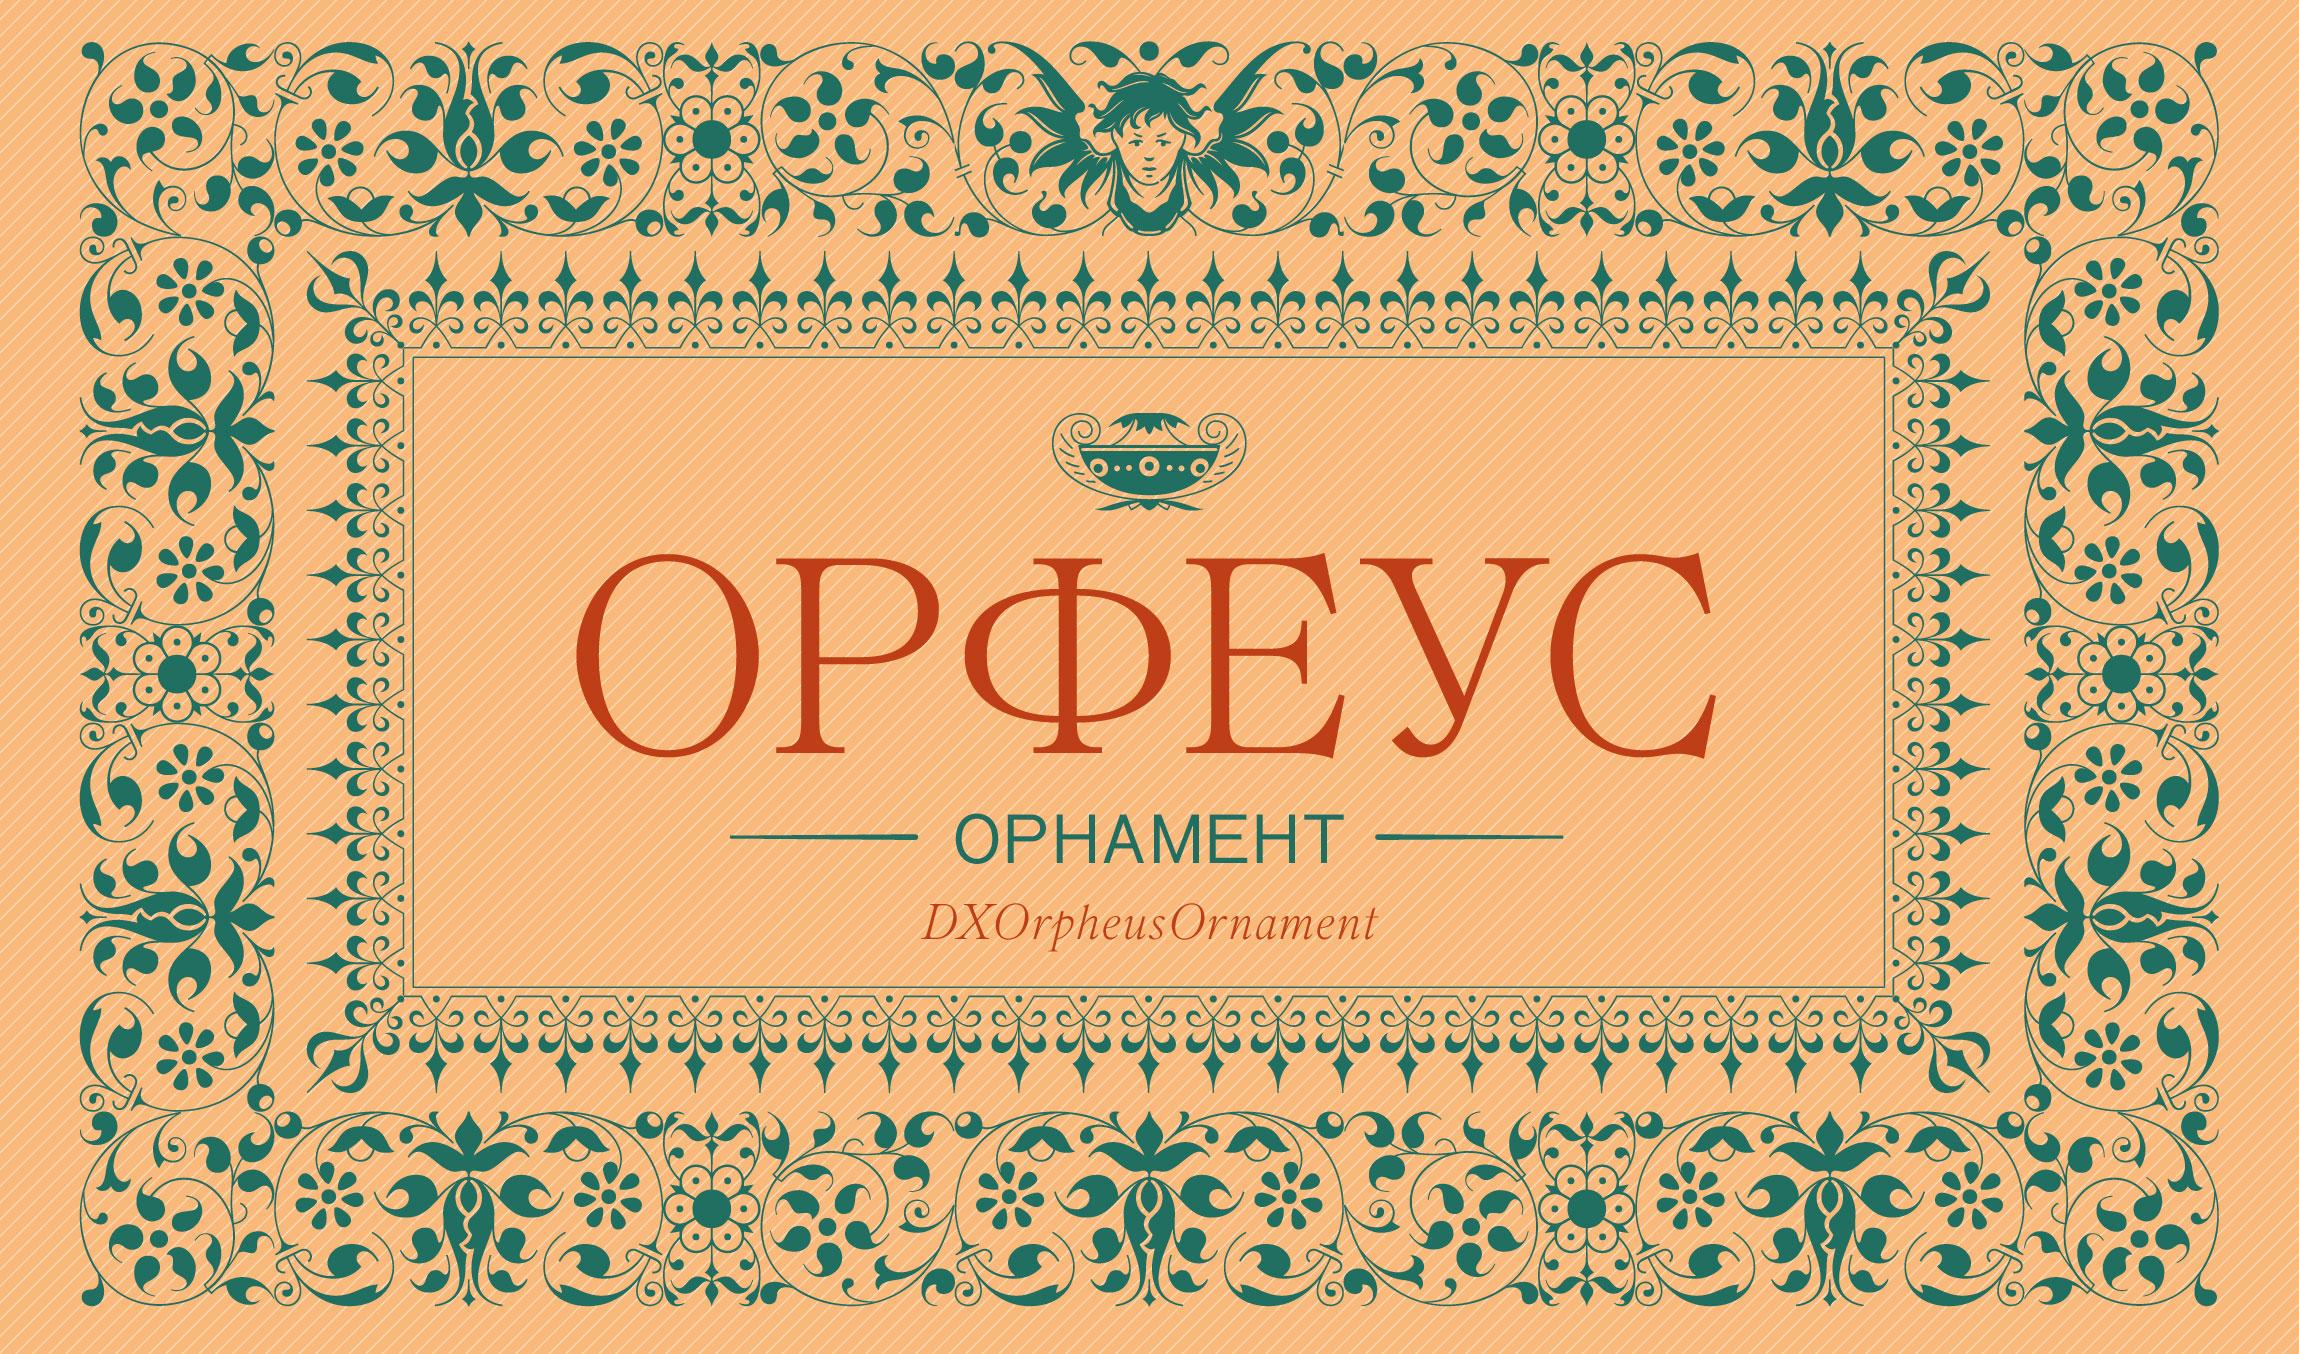 DXOrpheusOrnament